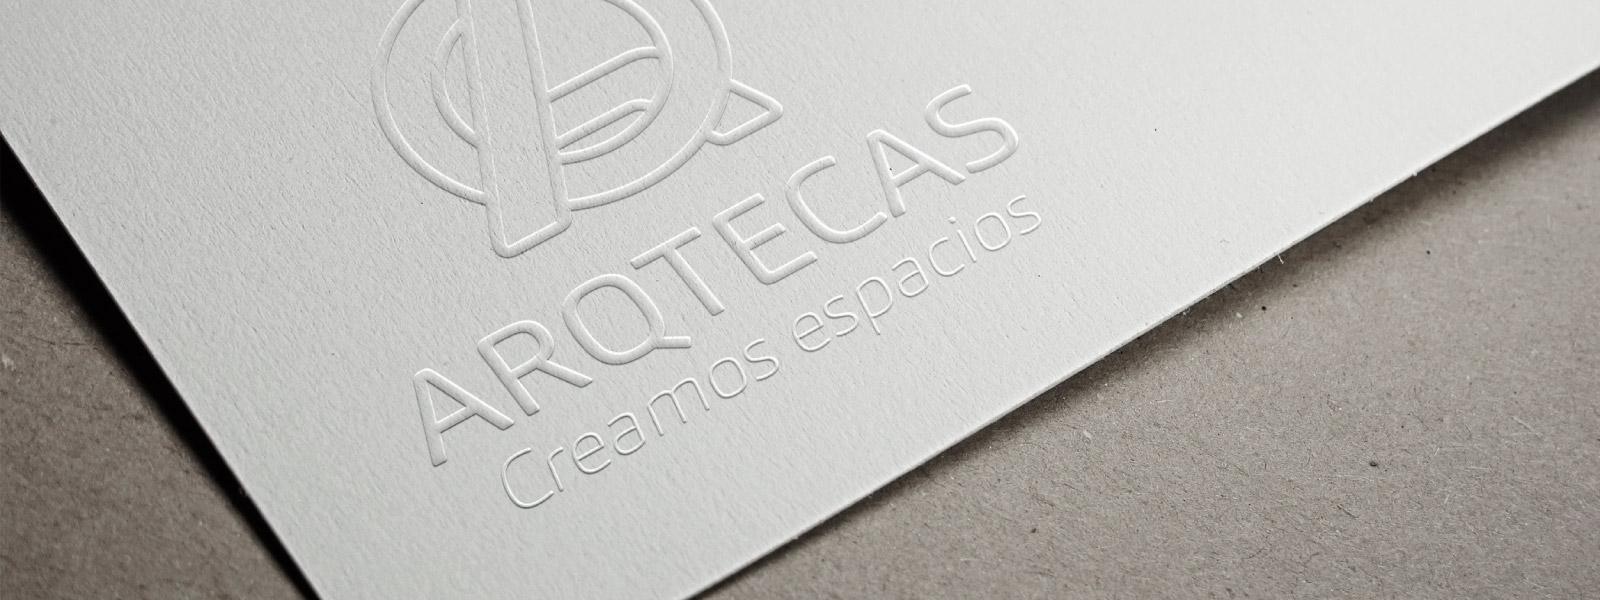 Arqtecas realiza todo tipo de proyectos y obras para particulares y empresas